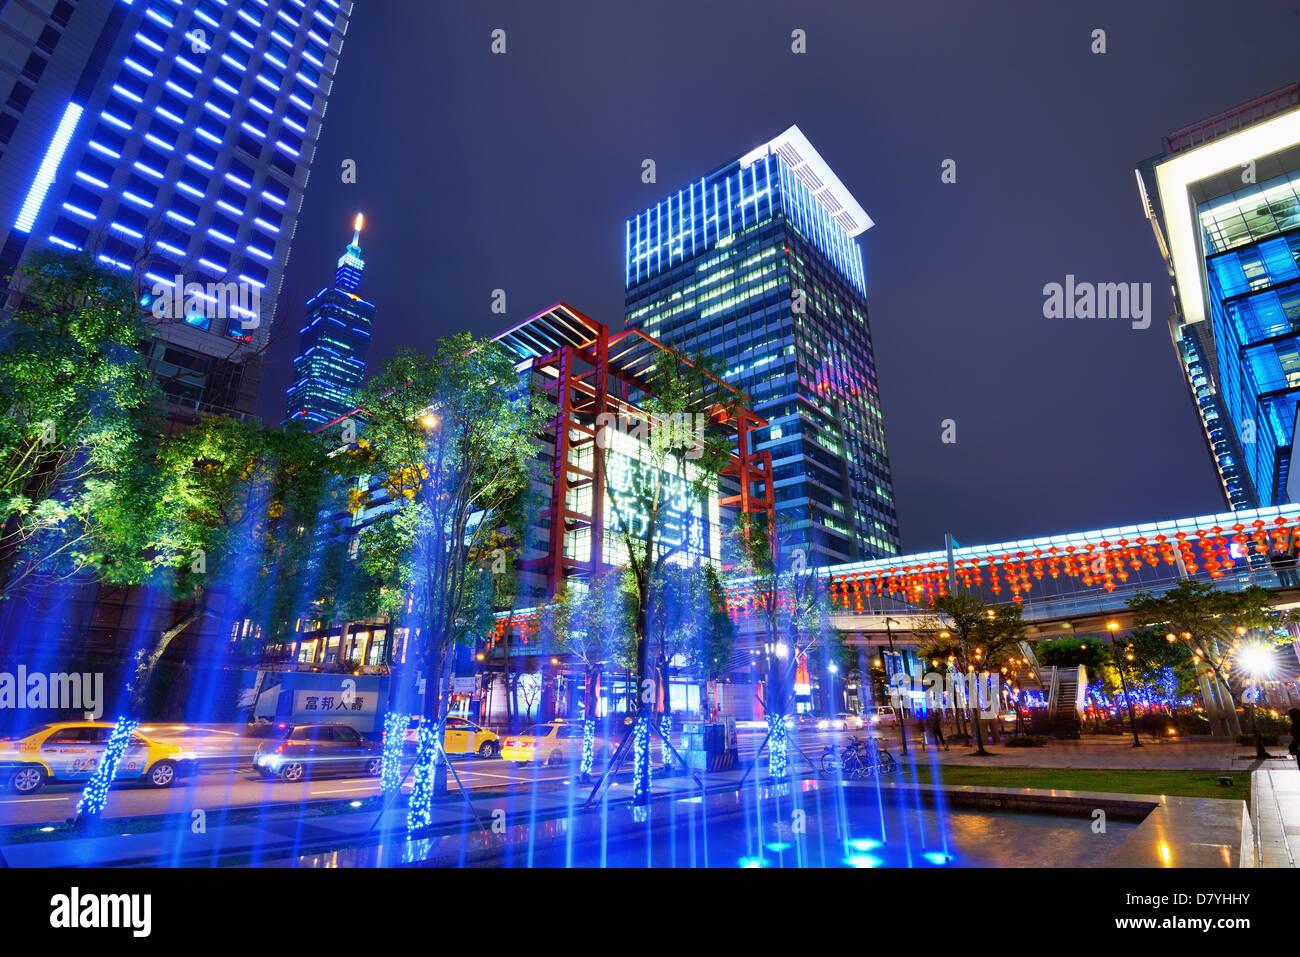 Xinyi District of Taipei, Taiwan. - Stock Image